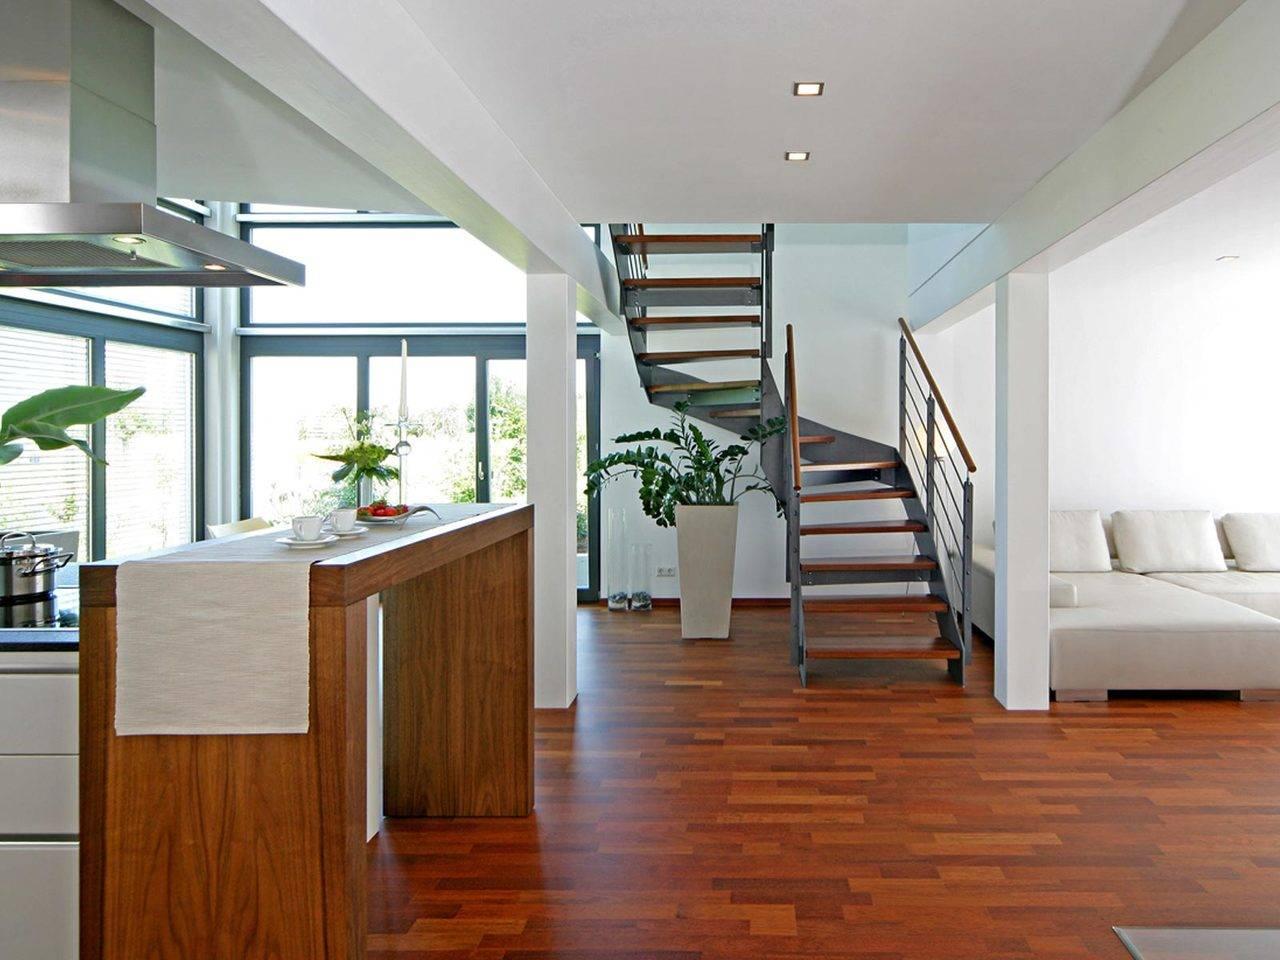 Innenansicht auf die offene Treppe